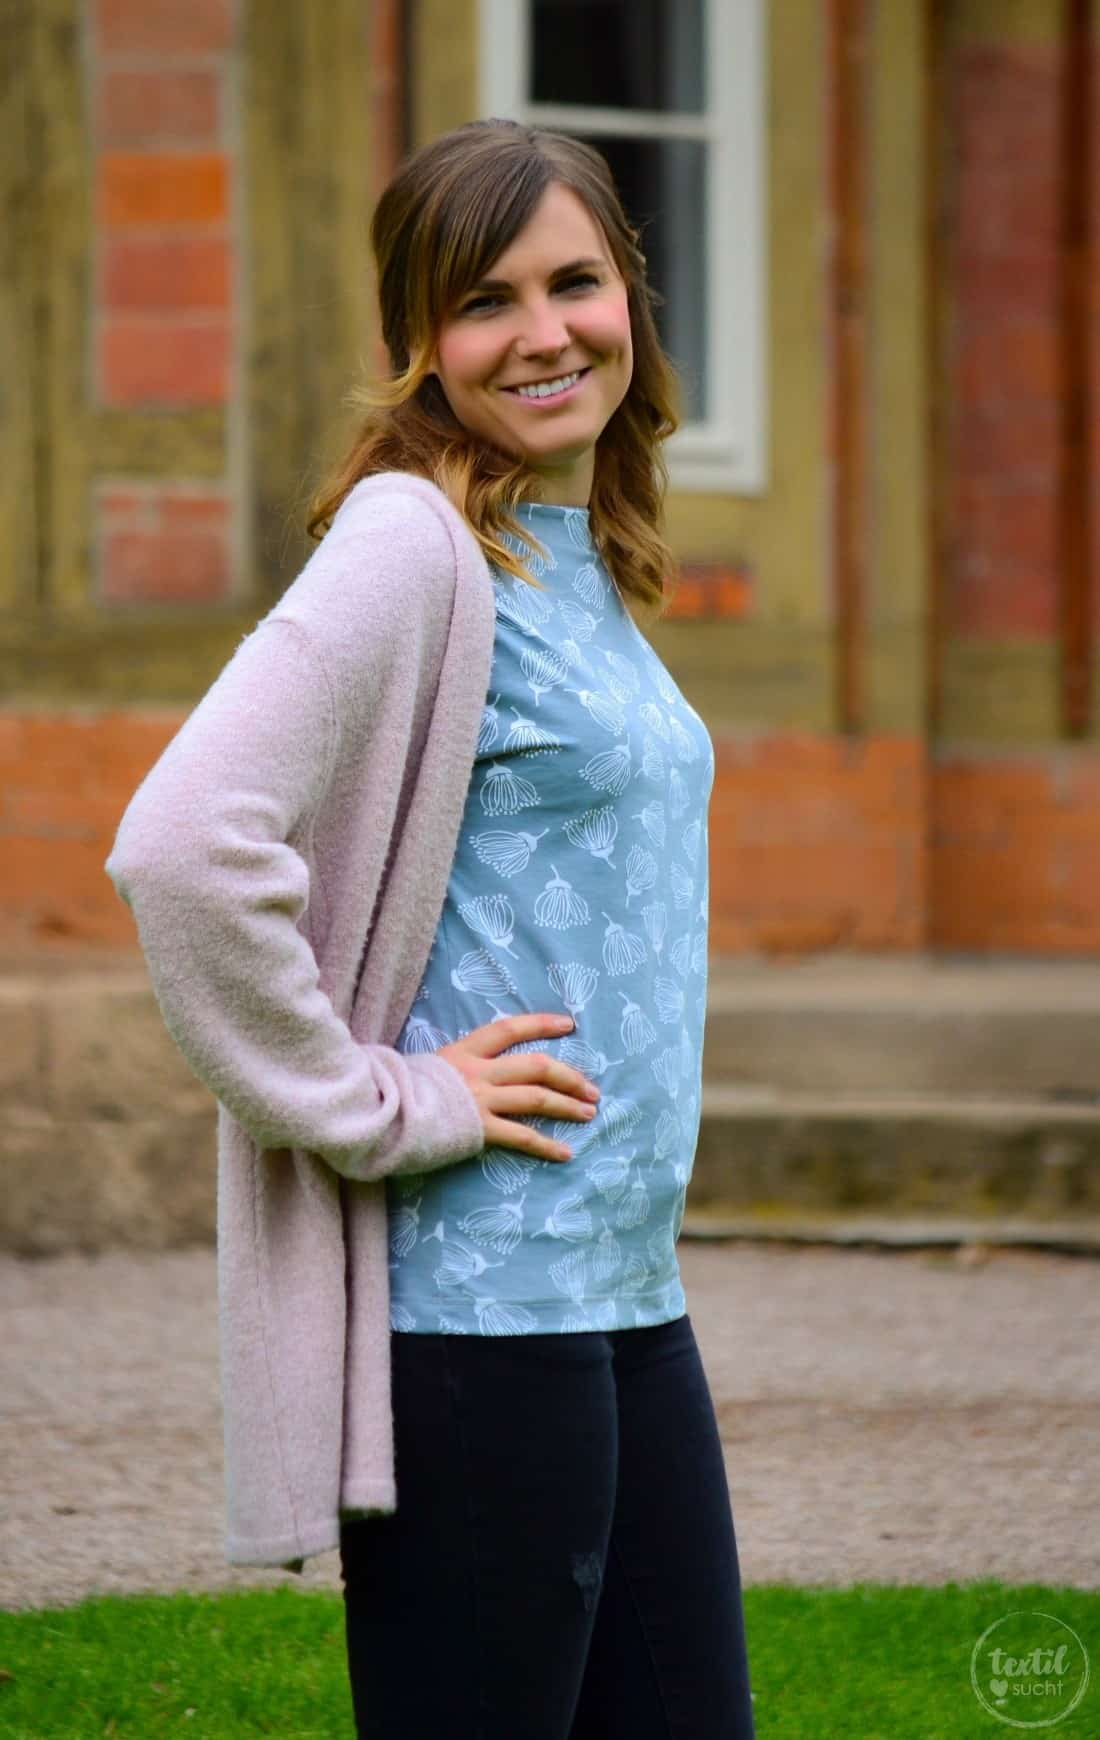 Schnittmuster Shirt Lilla aus FELICIFLORA von raxn - Bild 6 | textilsucht